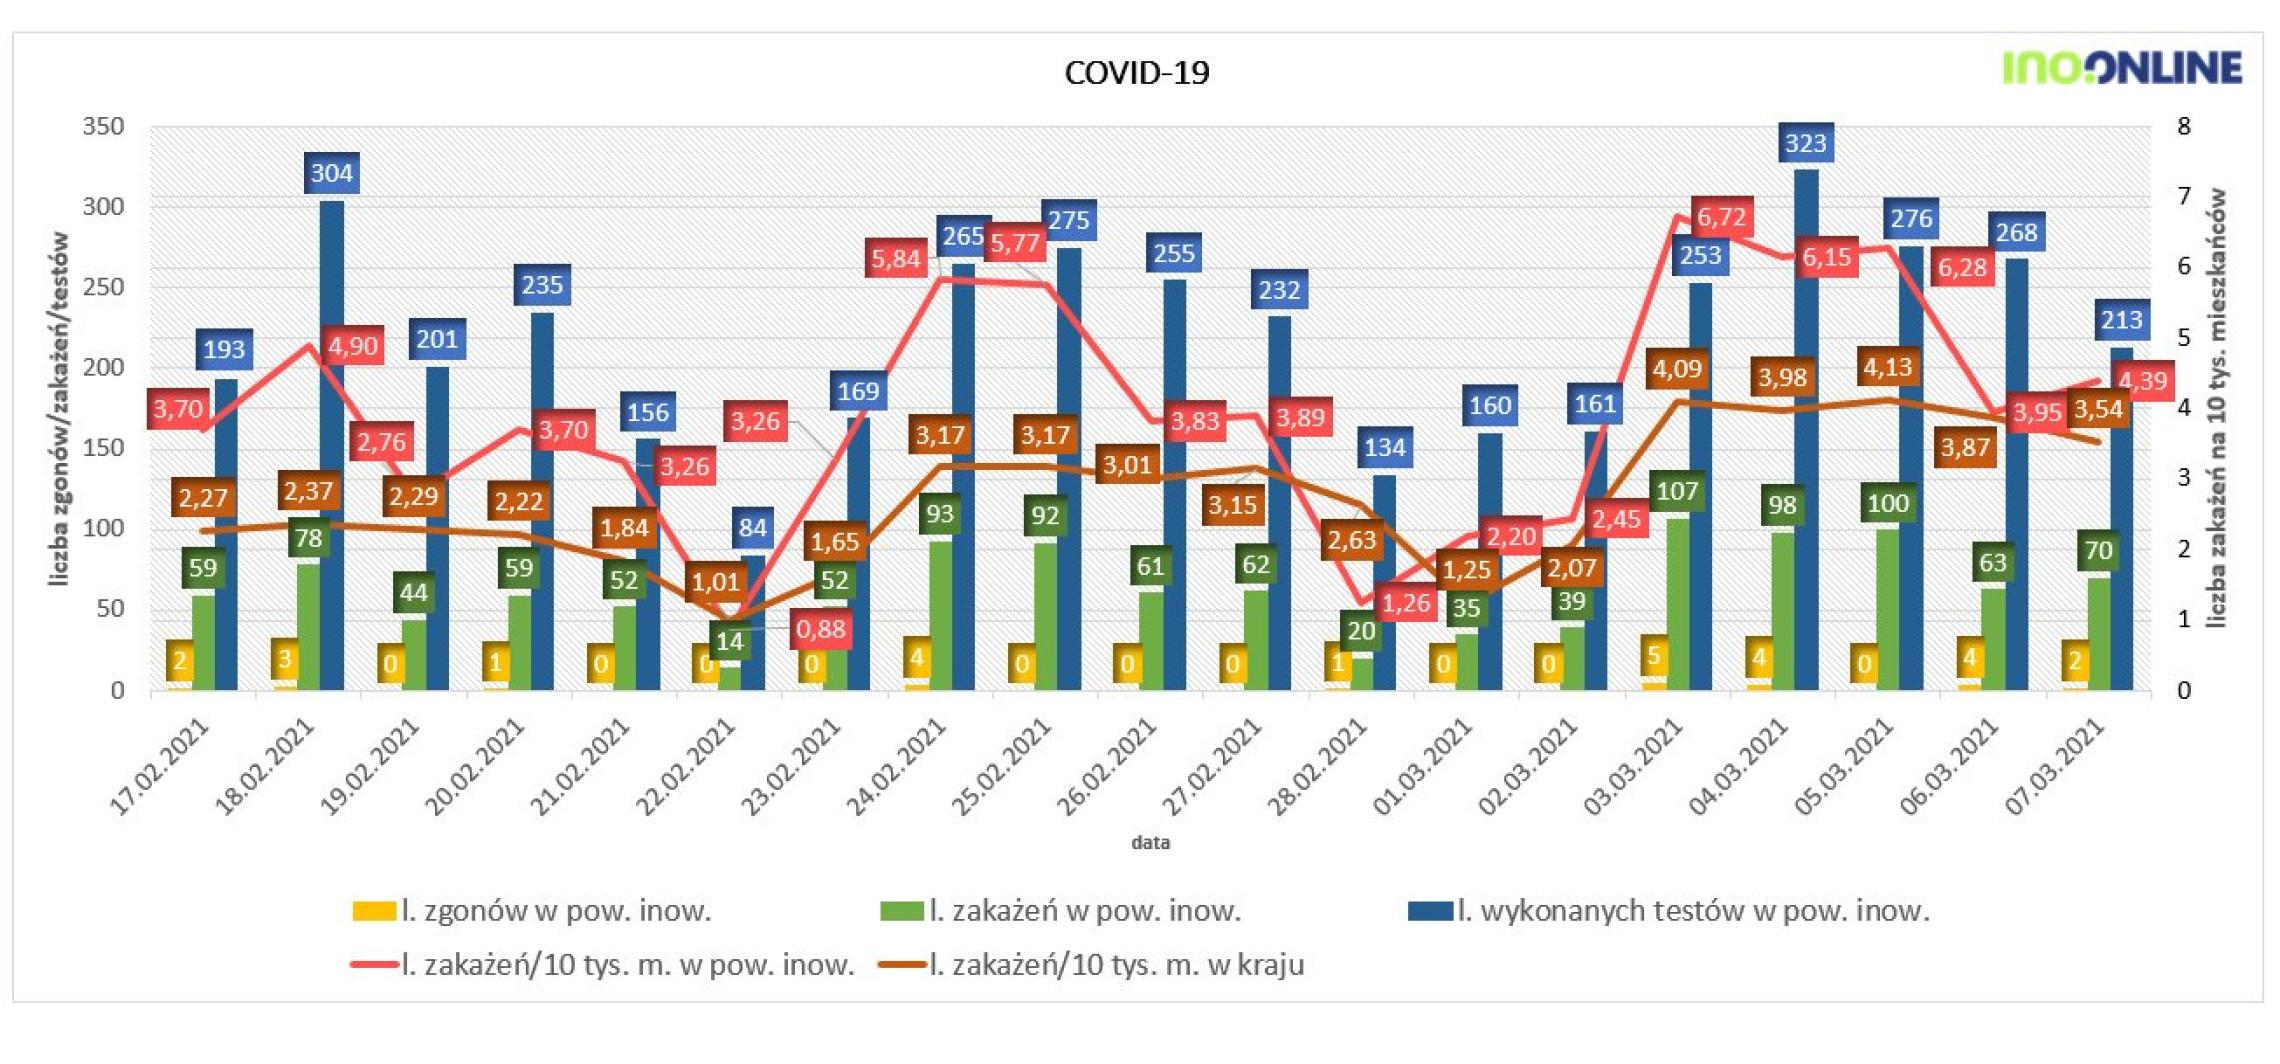 Inowrocław - Niedzielny wykres zakażeń koronawirusem